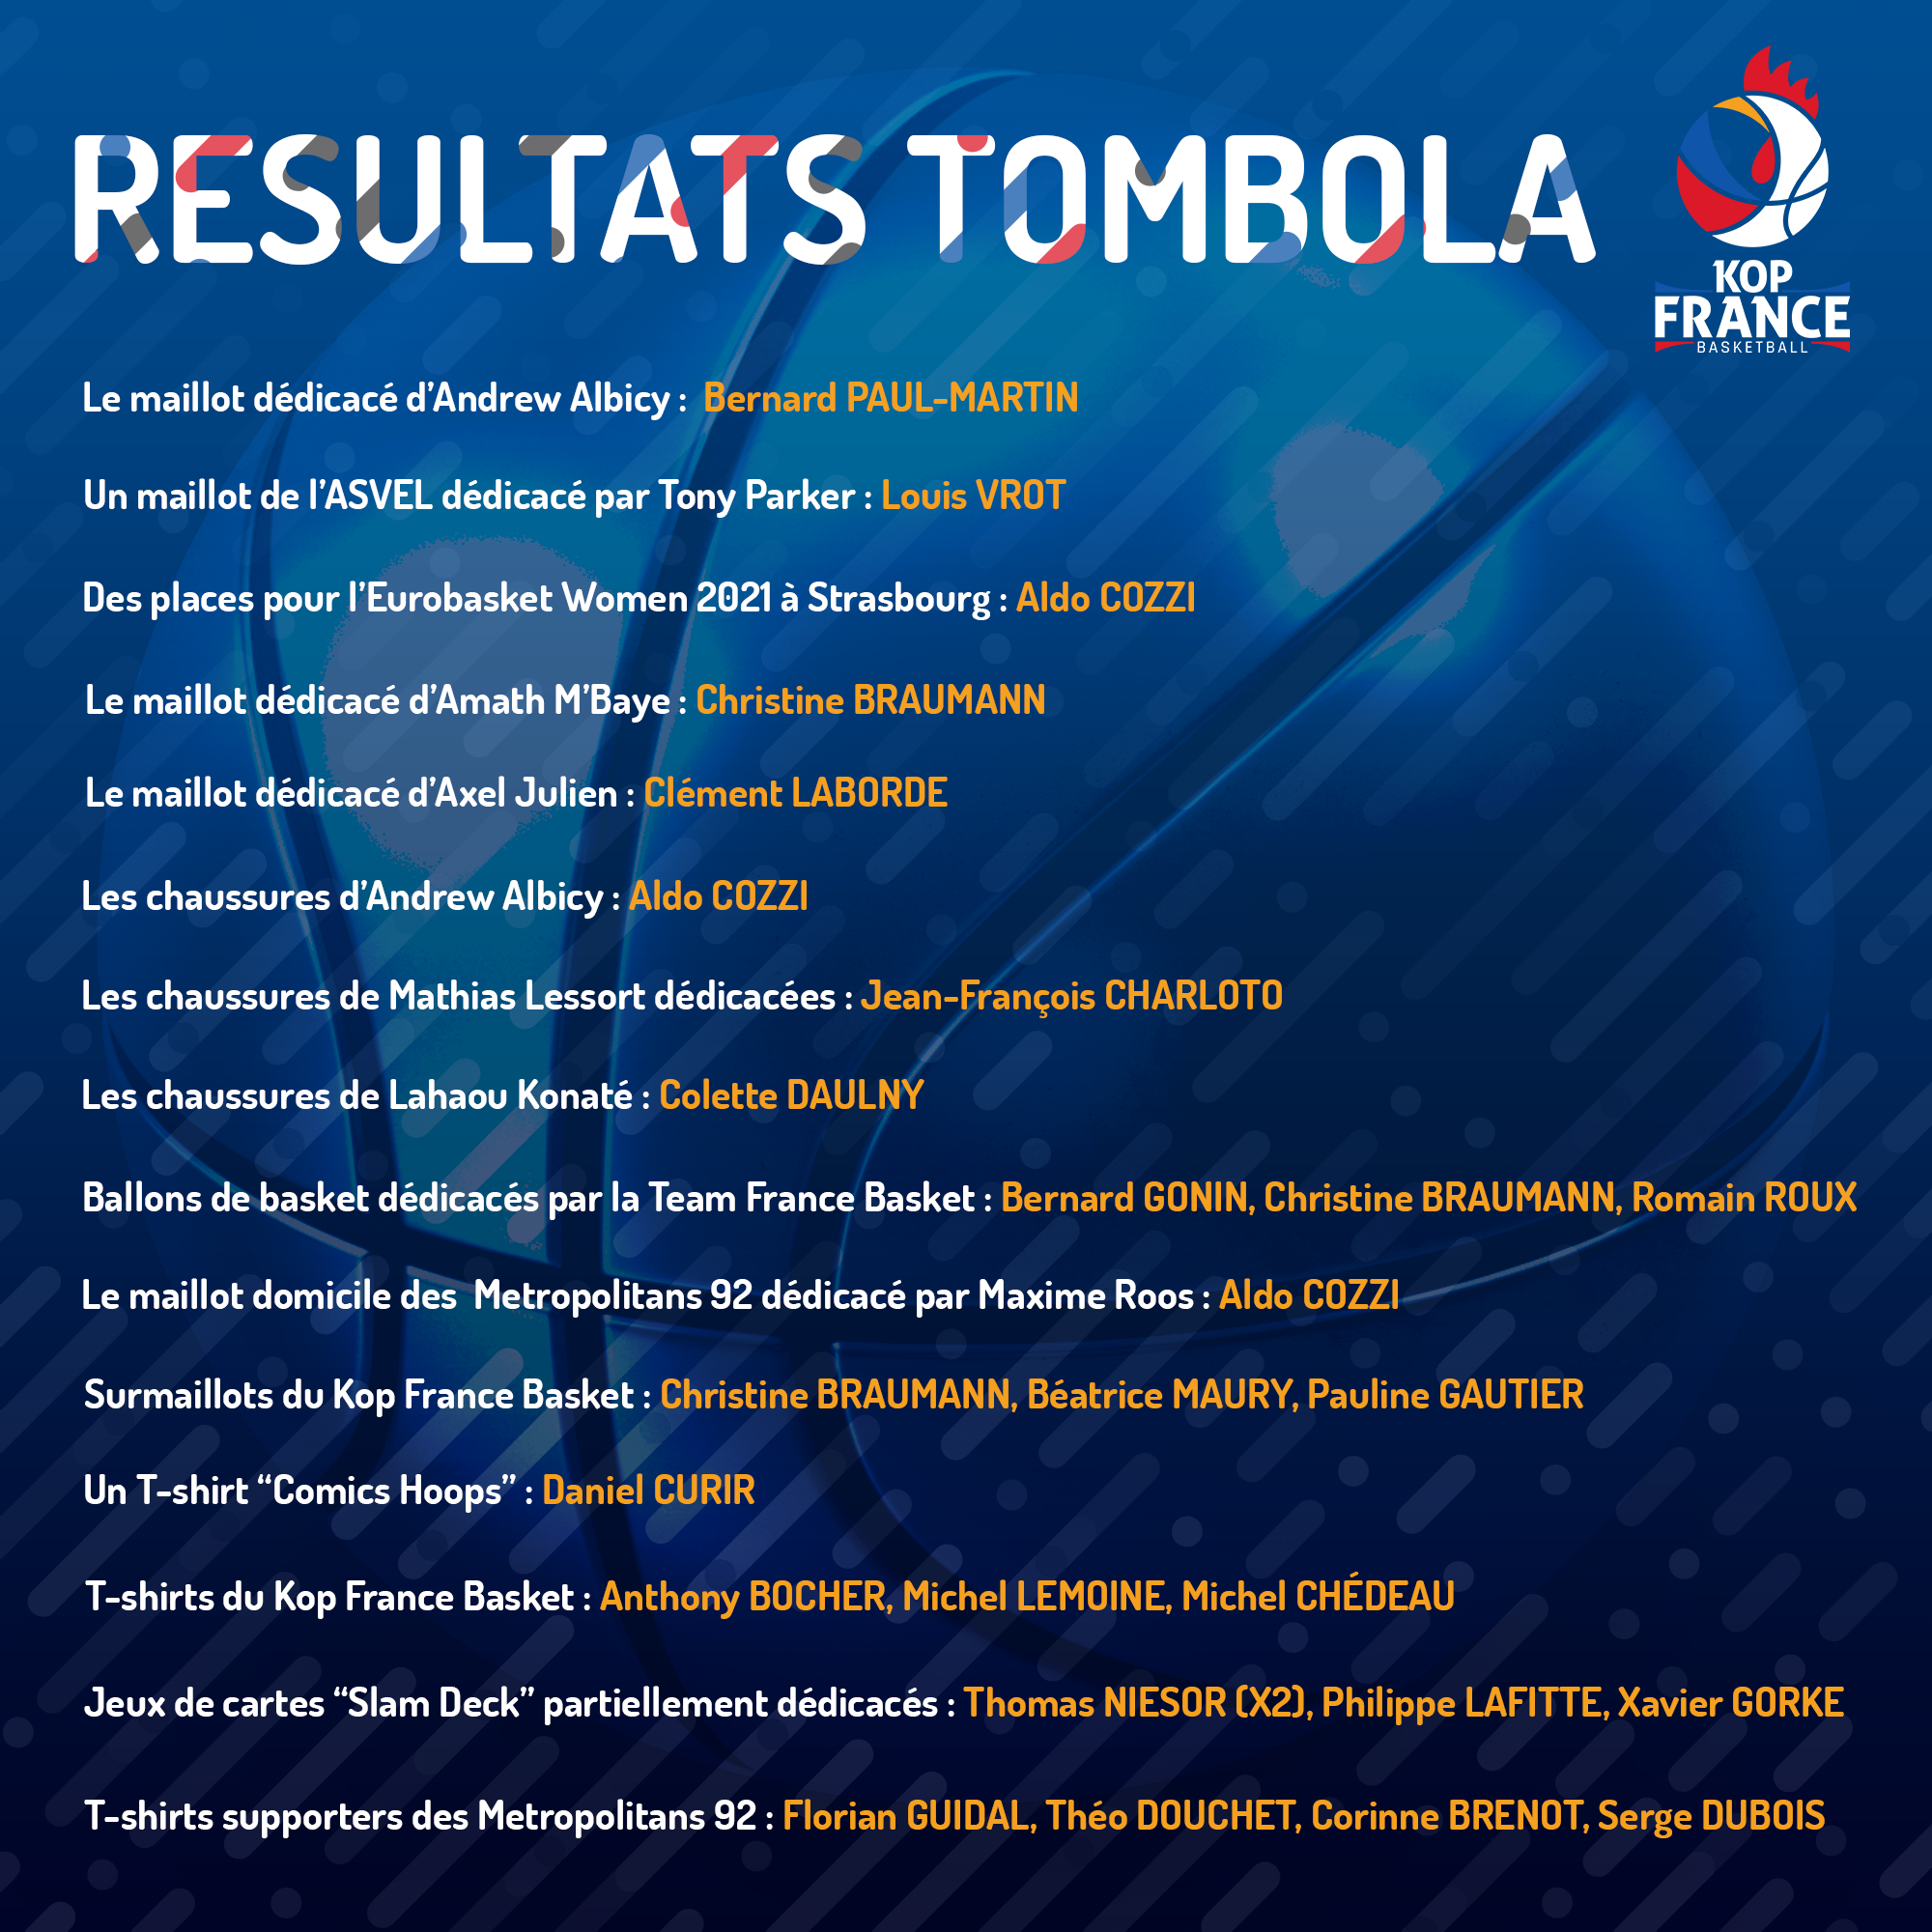 Les résultats de la Tombola – Kop France Basket 2021 !